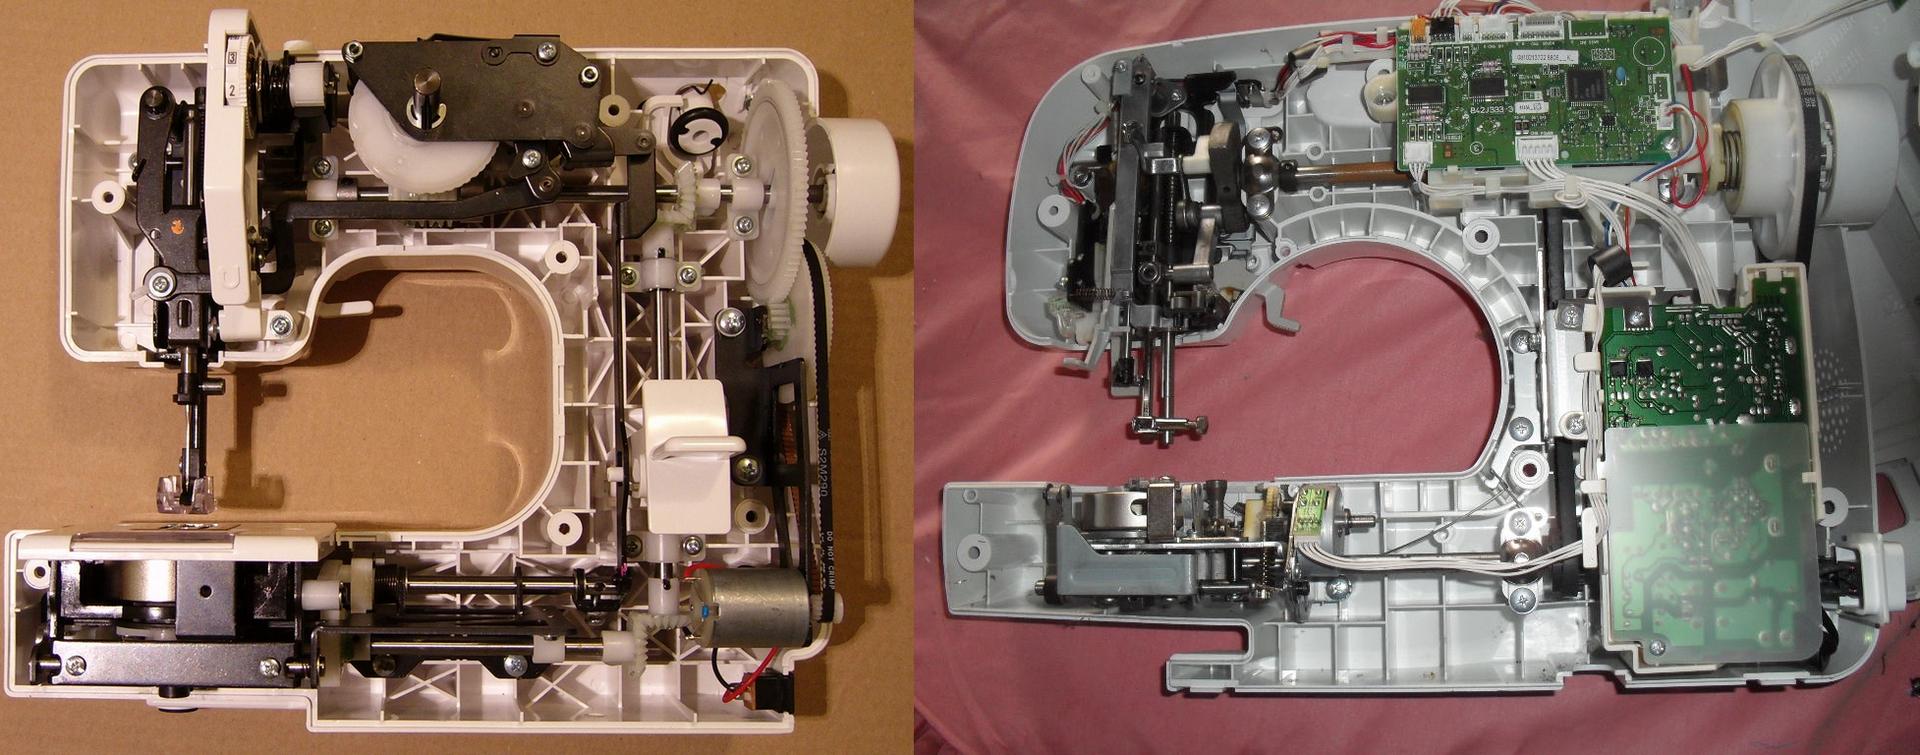 Mécanisme intérieur d'une machine à coudre coudre mécanique vs électronique